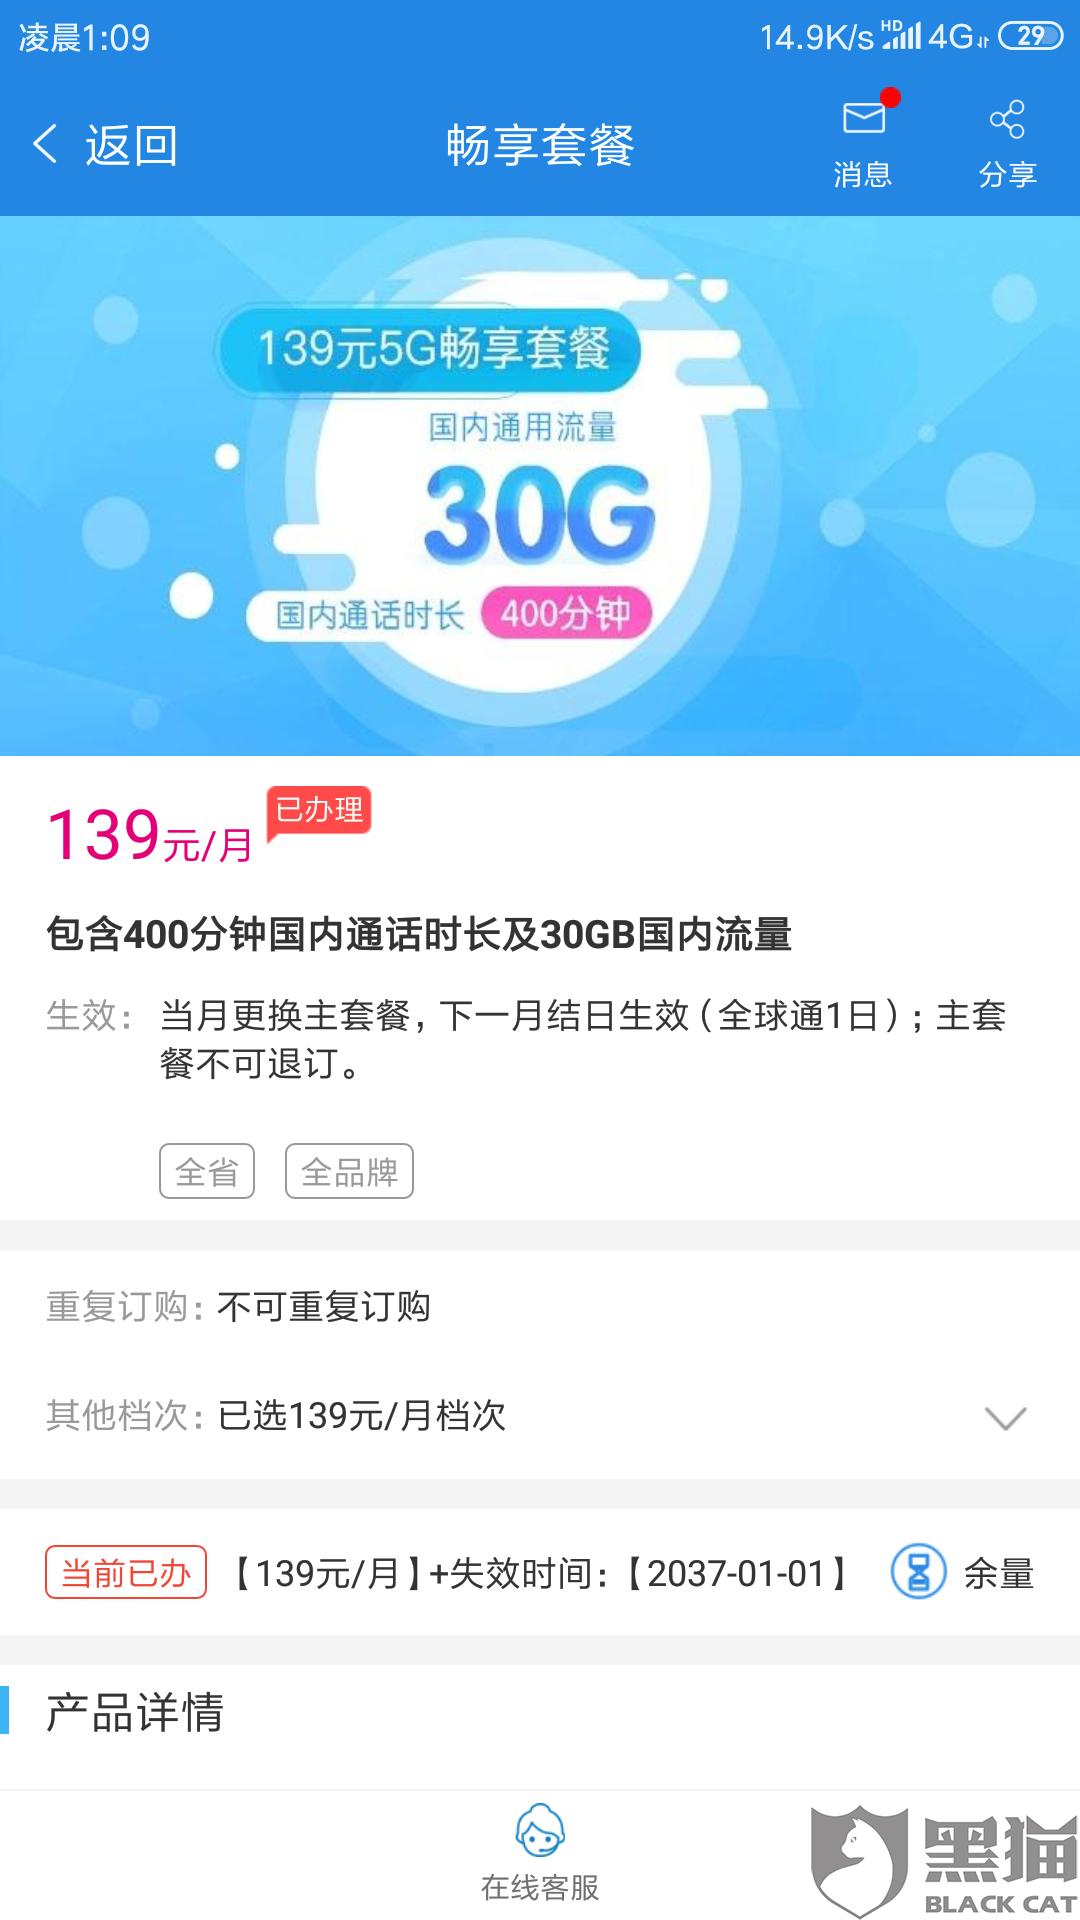 黑猫投诉:广东移动自动帮我办理了139元5g畅享套餐,发现不能退订